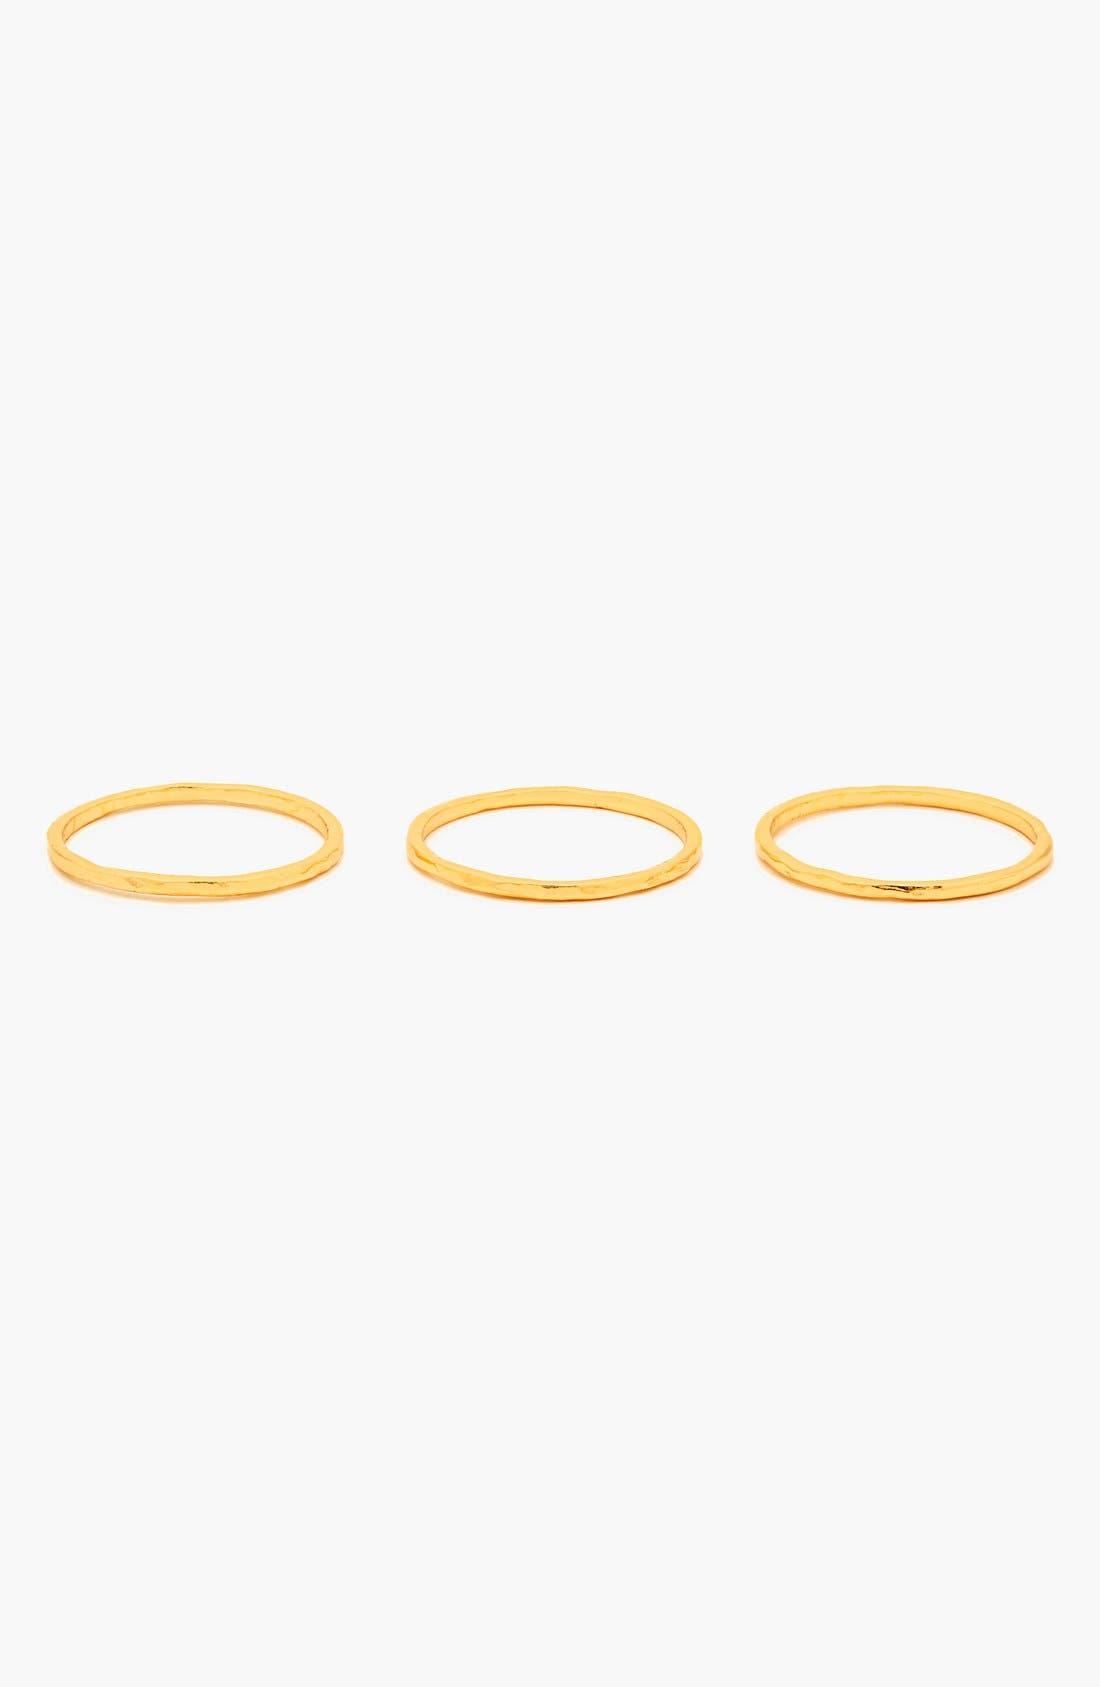 GORJANA, 'G Ring' Hammered Stack Rings, Alternate thumbnail 4, color, 710